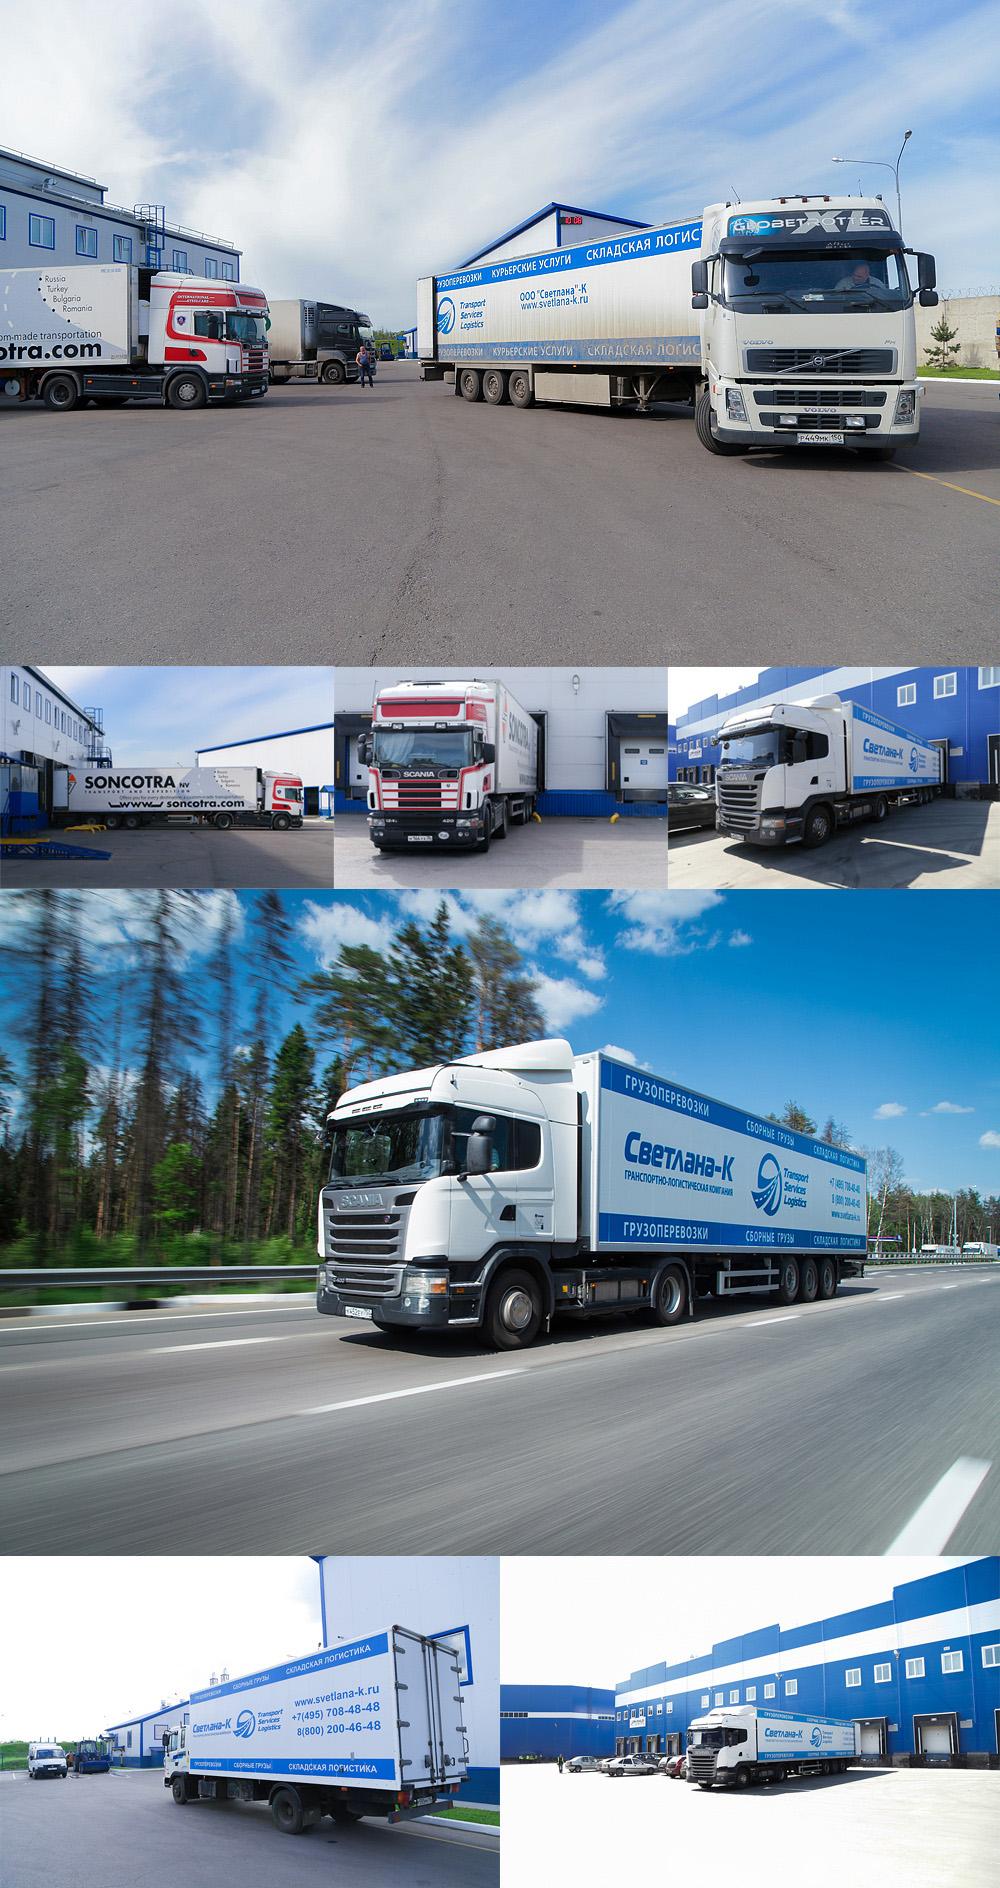 Фотосъемка транспорта компании (7 фото).